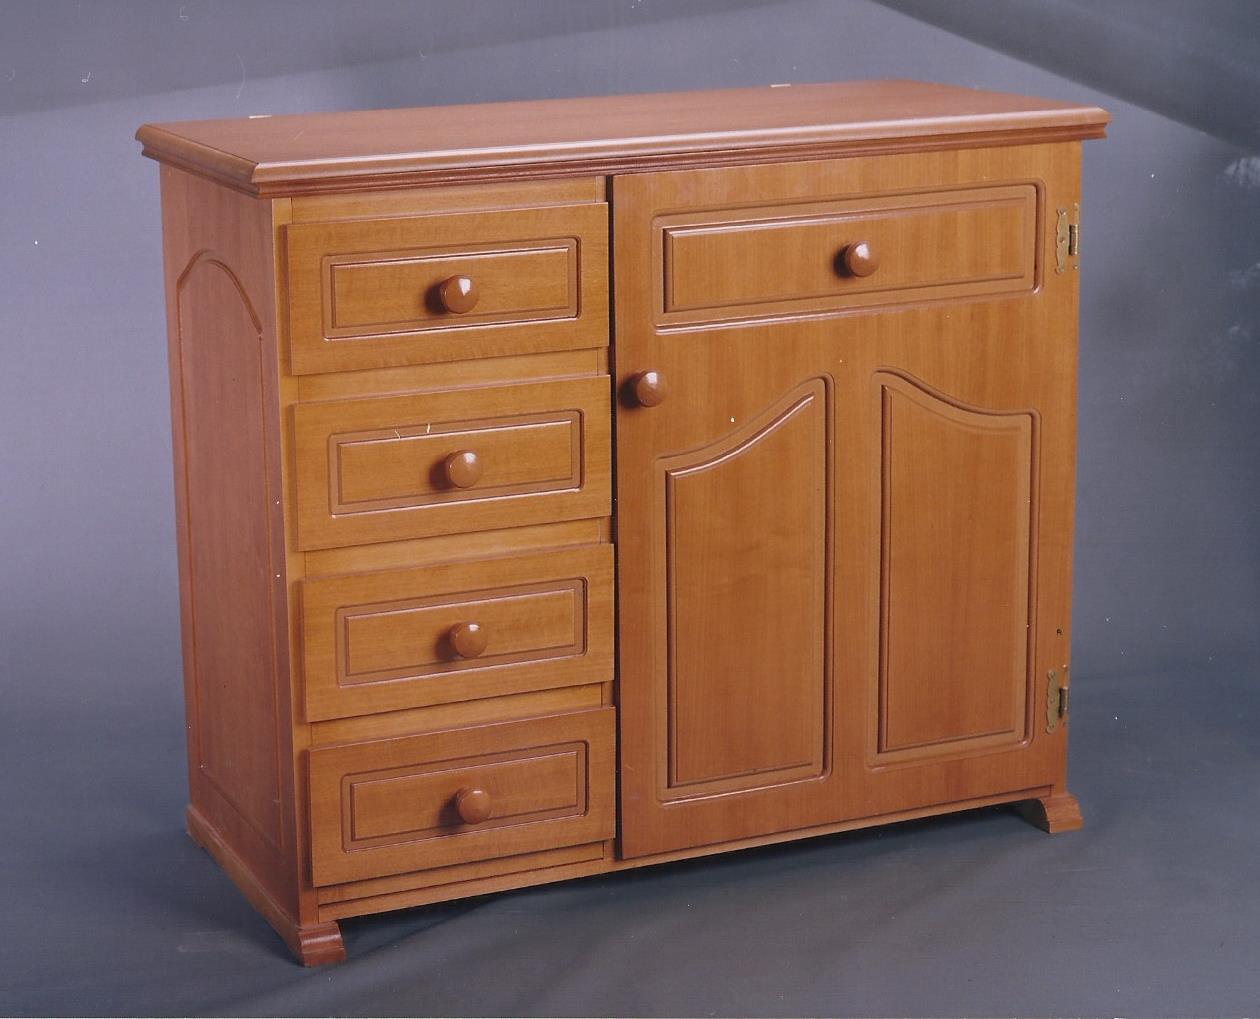 Mueble m quina de coser navarro garant a maquina - Mueble maquina de coser ...